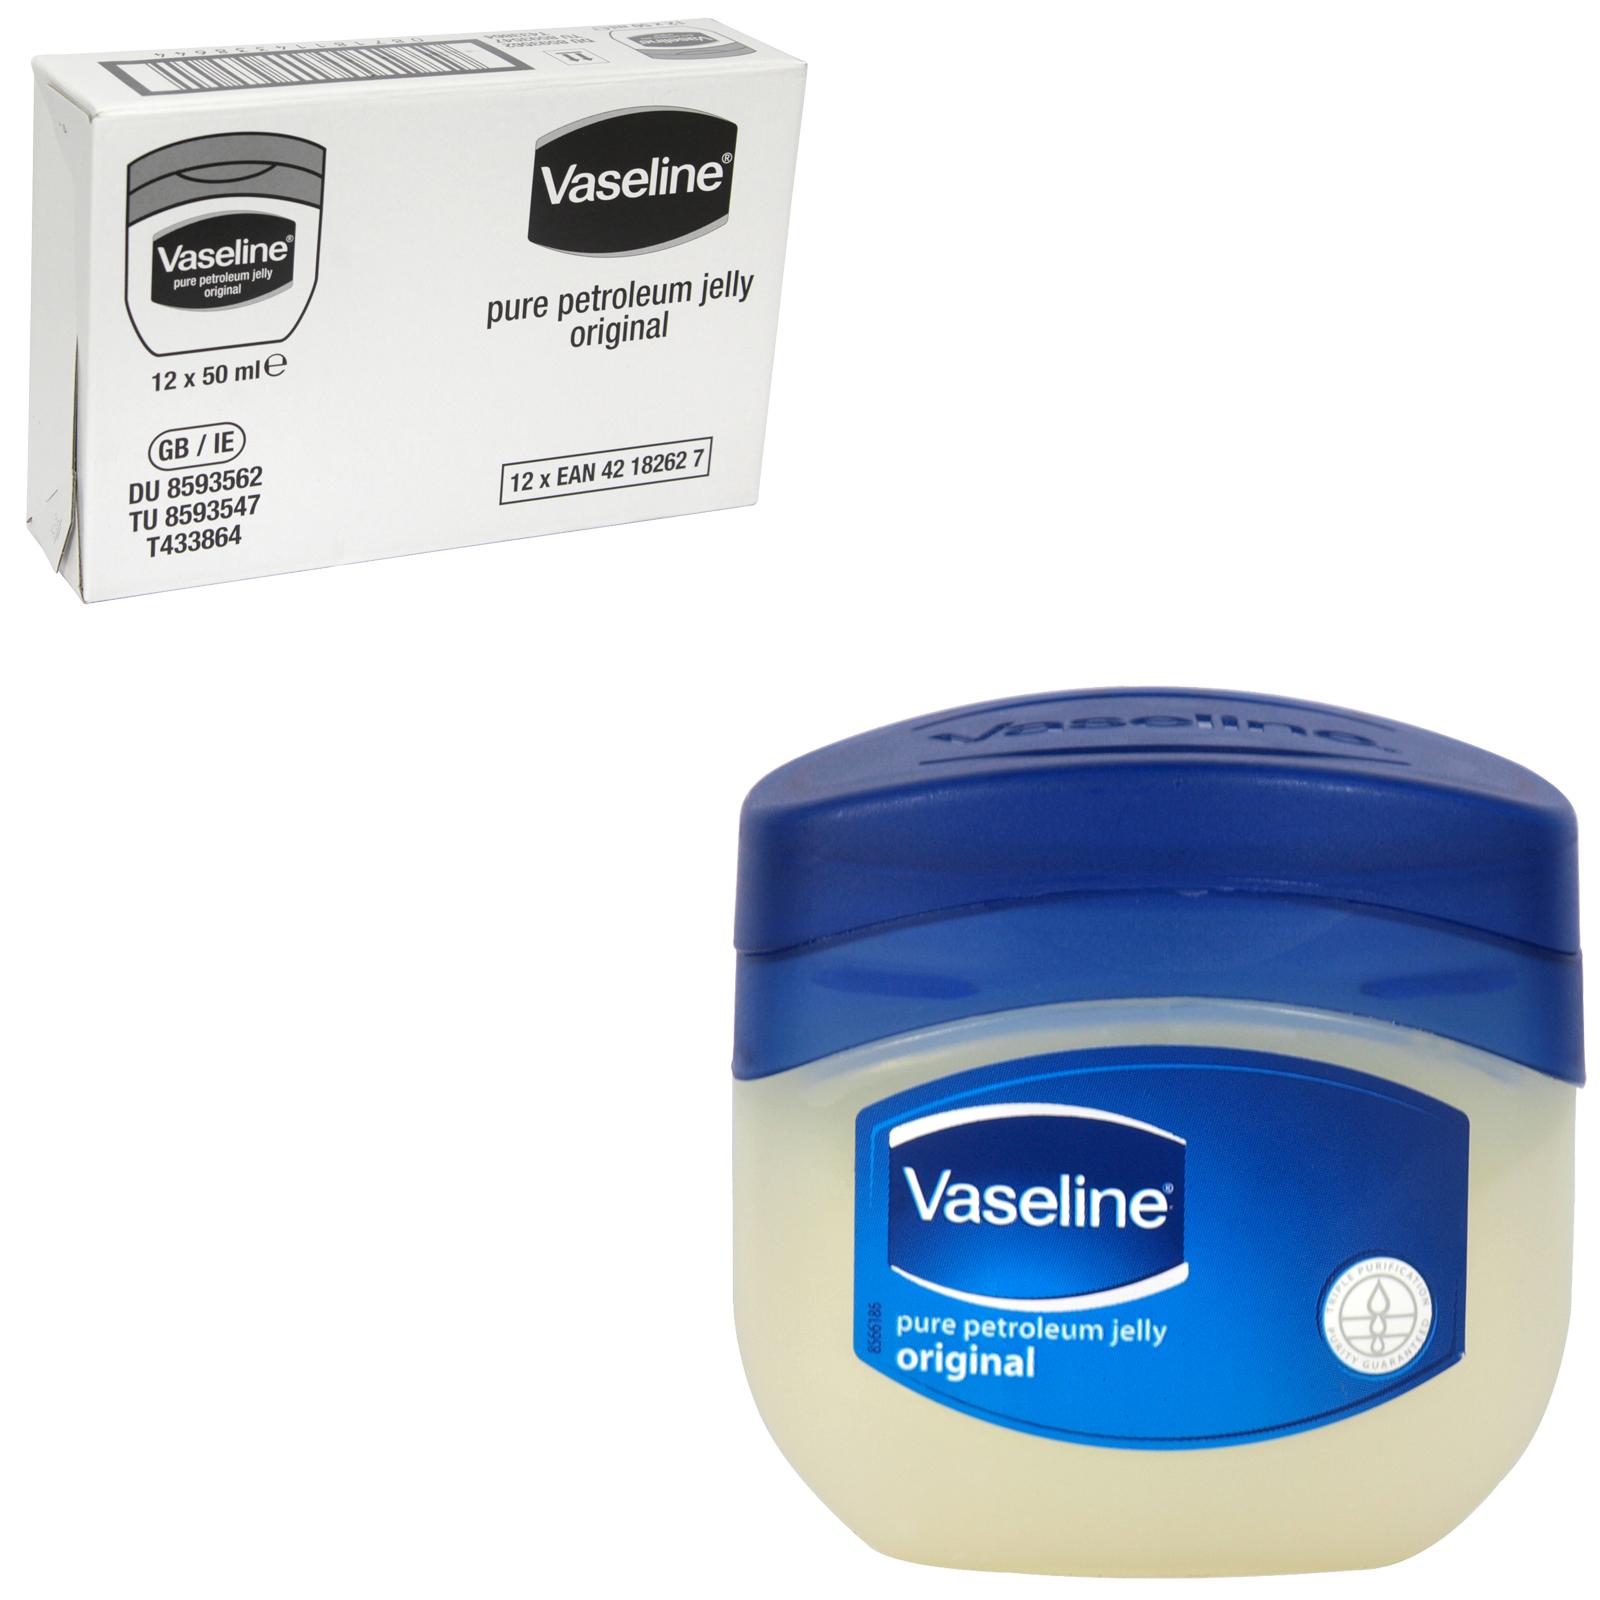 VASELINE PURE PET JELLY 50ML [UK] X12